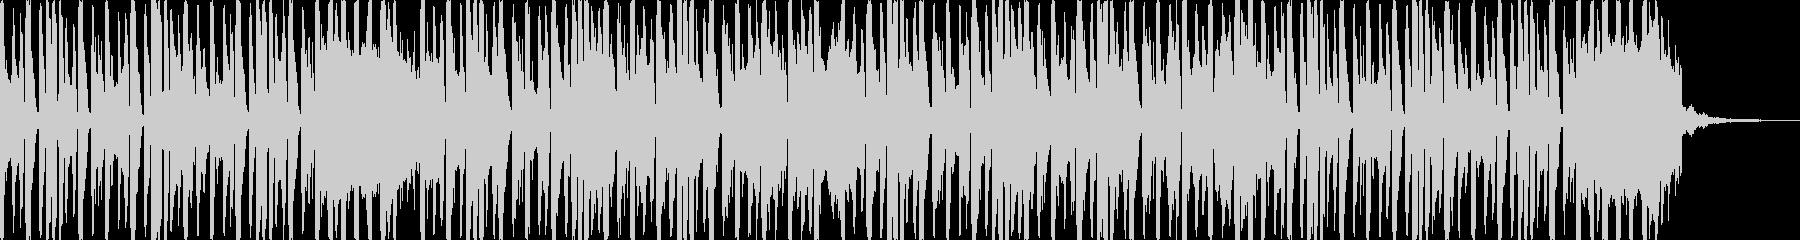 コミカルでかわいいエレクトロダンスの未再生の波形